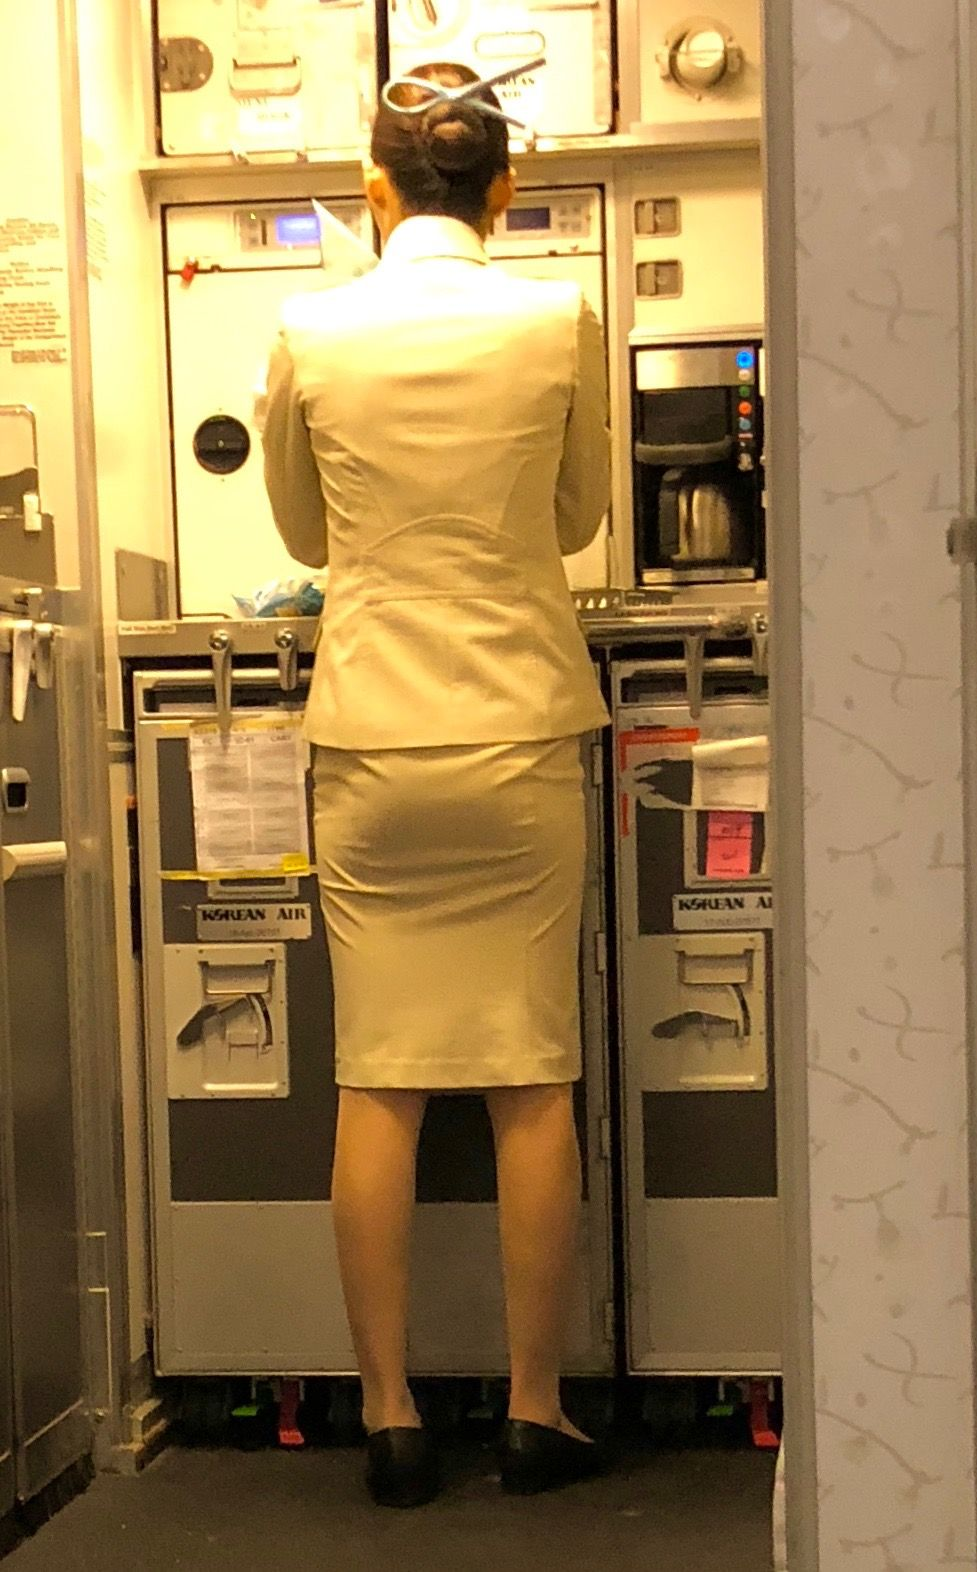 タイトスカートはいた女性の脚画像★2 [無断転載禁止]©bbspink.comYouTube動画>3本 ->画像>3691枚